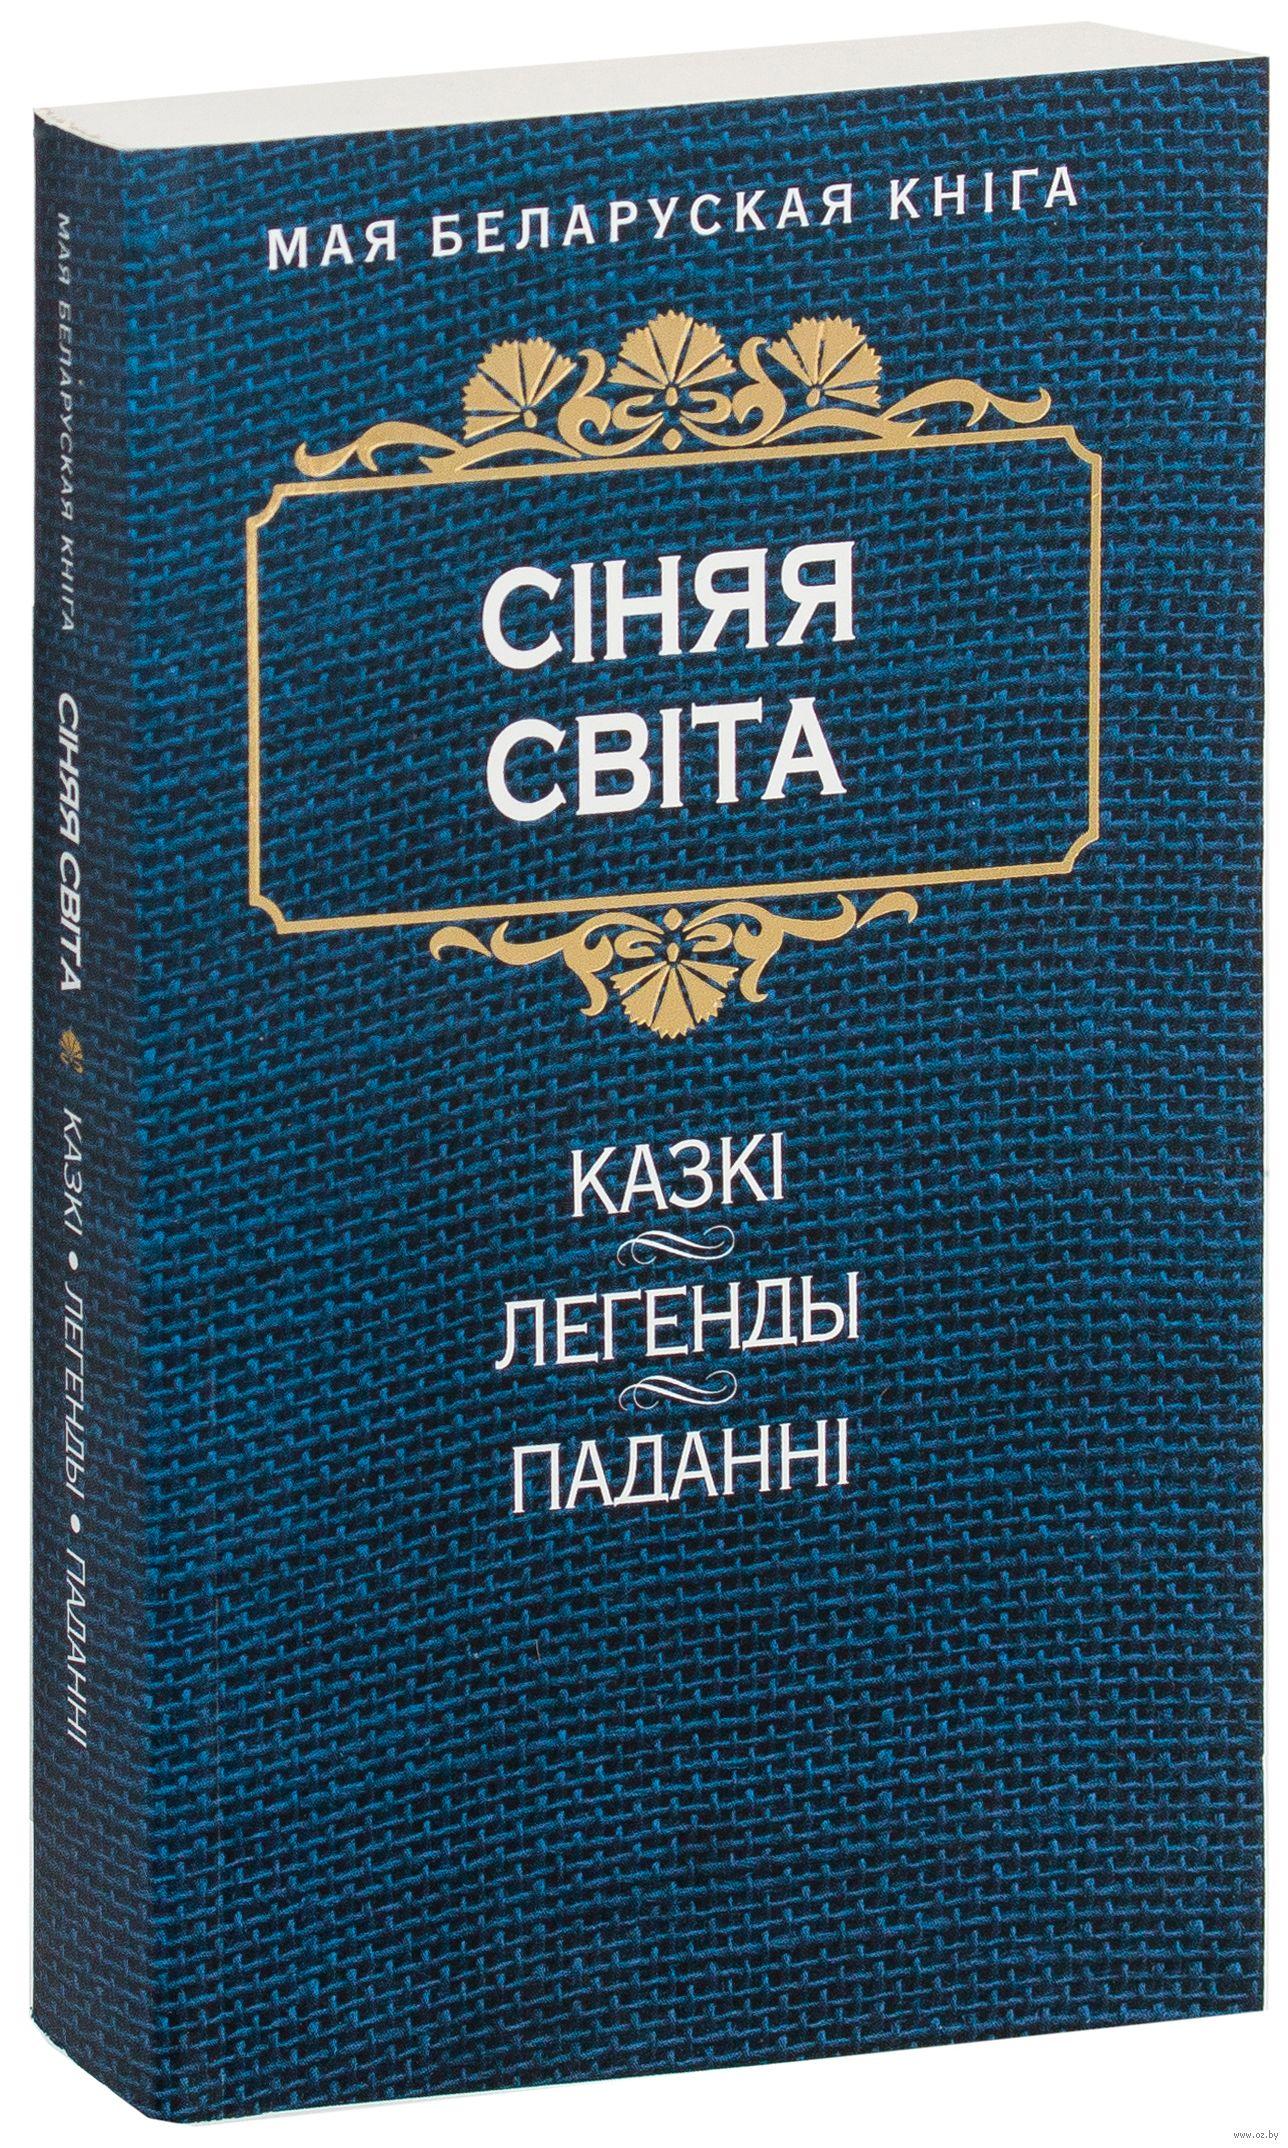 «Сiняя свiта. Kазкi, легенды, паданнi» набыць кнiгу у Мiнску — Кніжная крама OZ.by